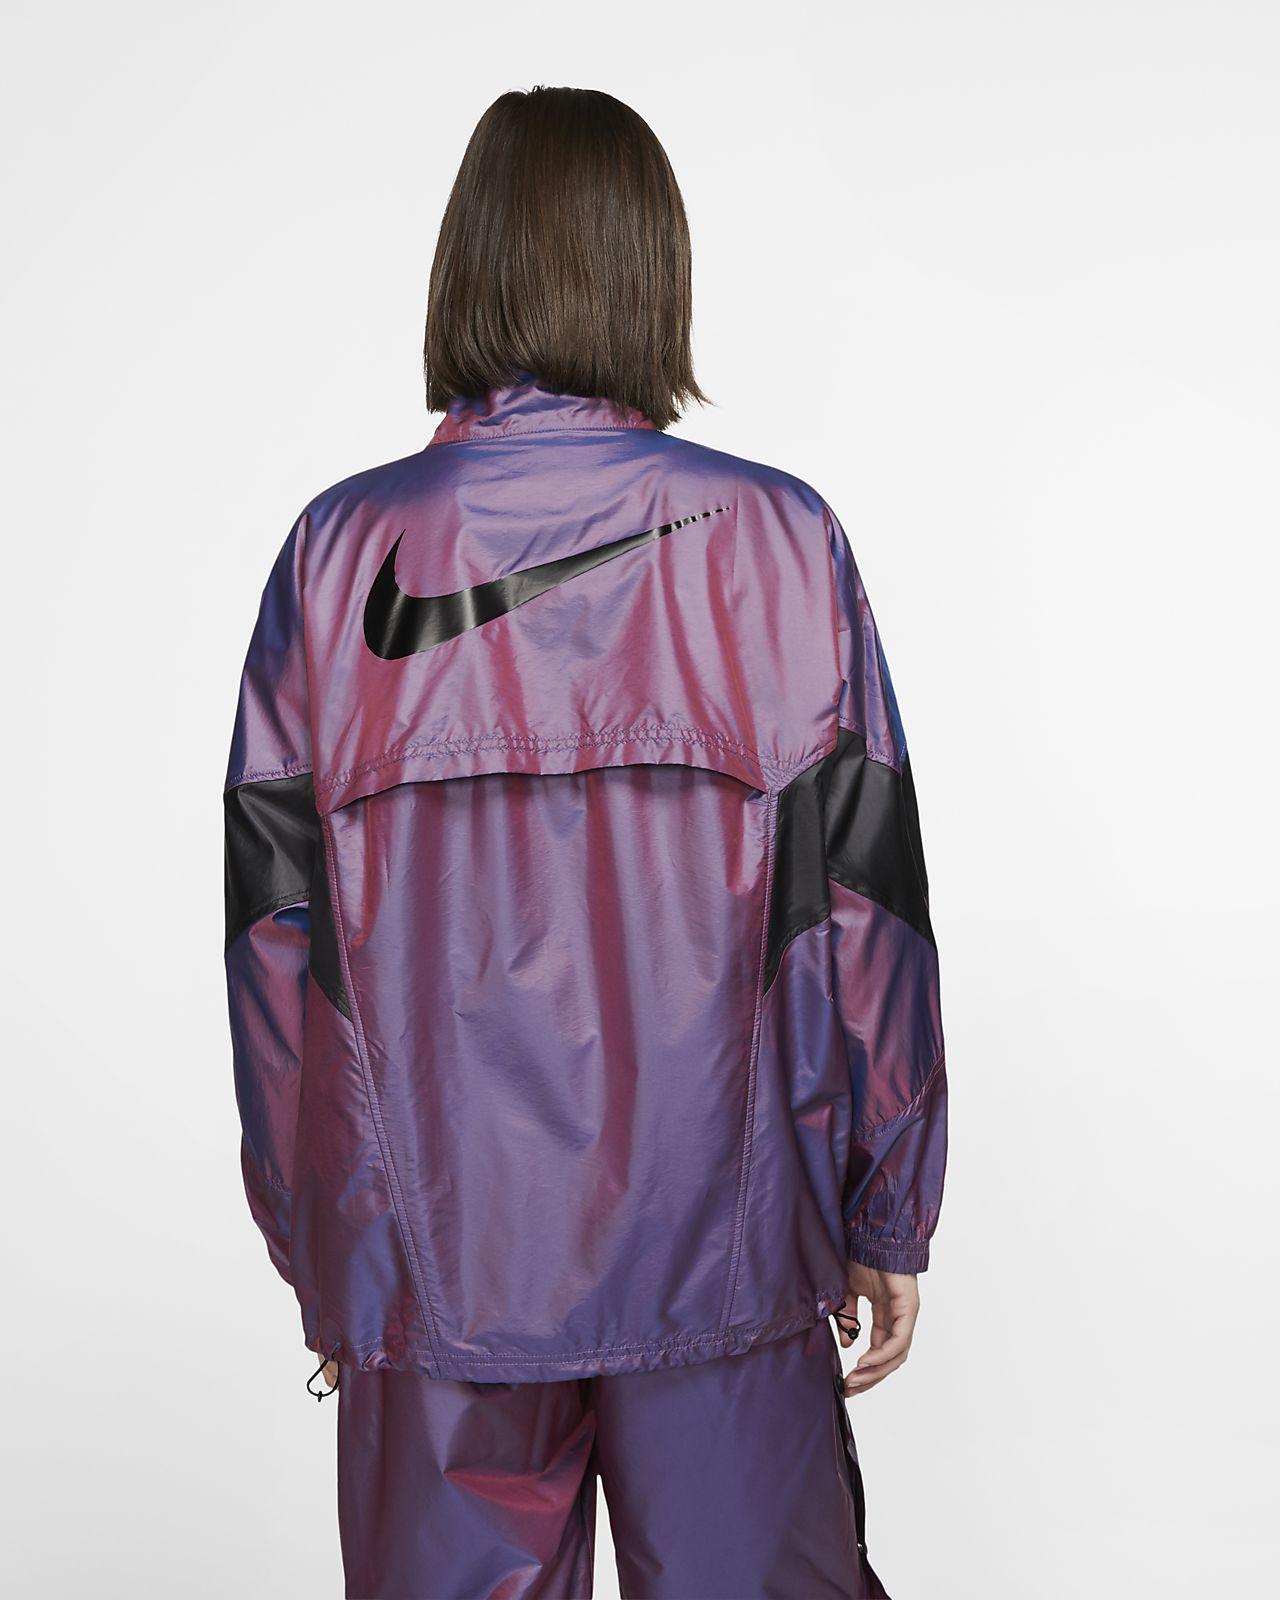 c227f8de061d Low Resolution Nike Sportswear Windrunner Women s Jacket Nike Sportswear  Windrunner Women s Jacket